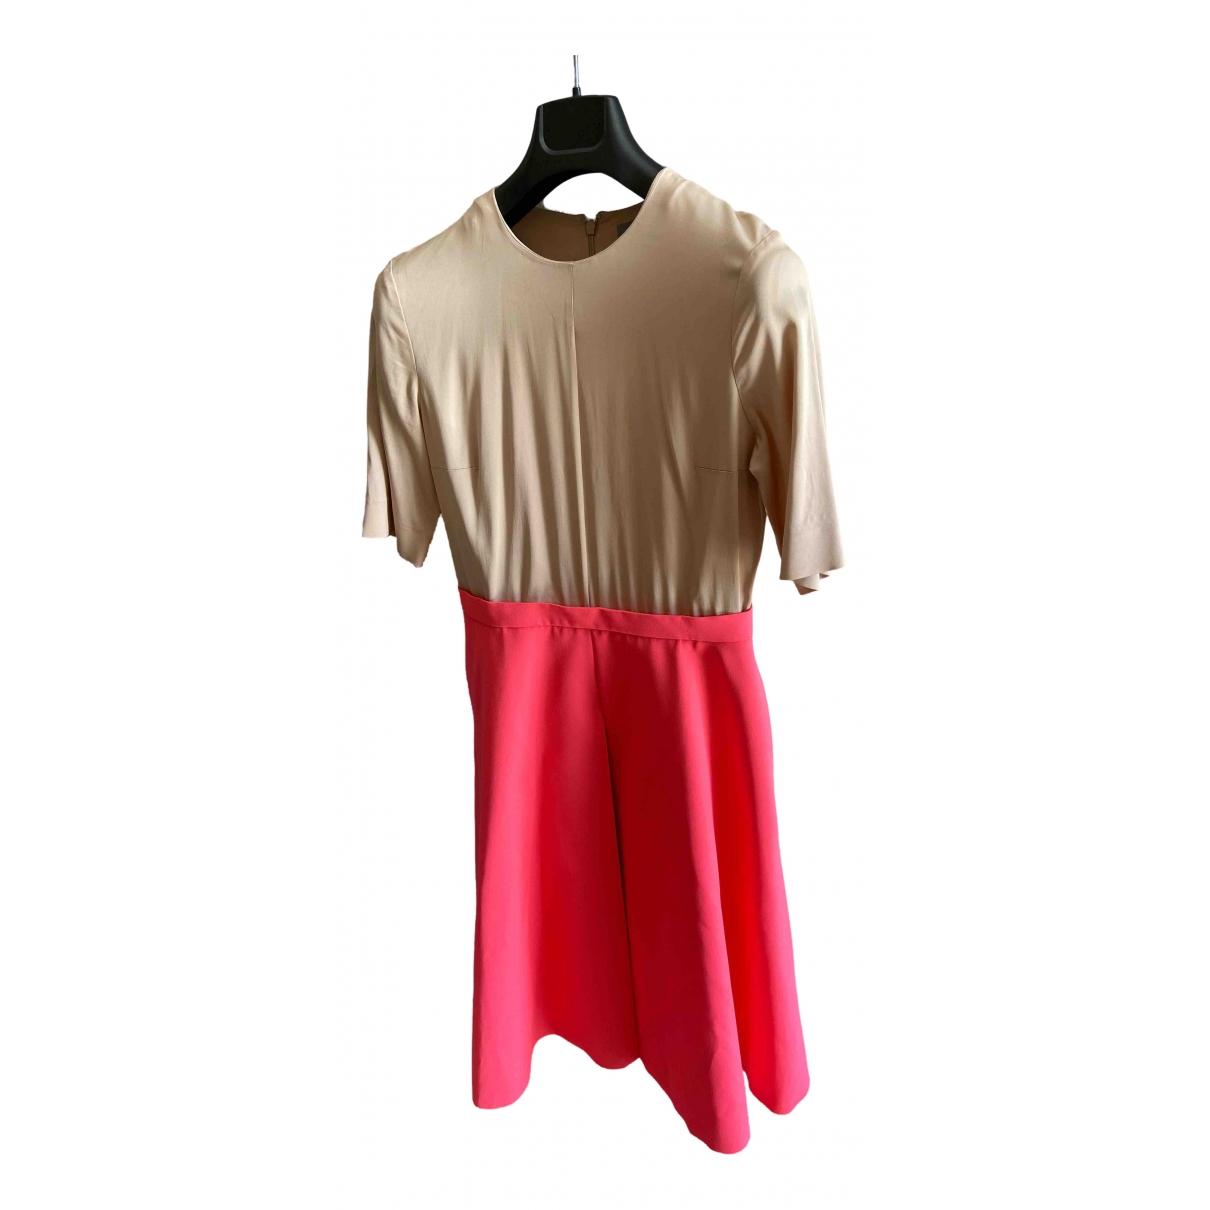 Cos - Robe   pour femme - multicolore